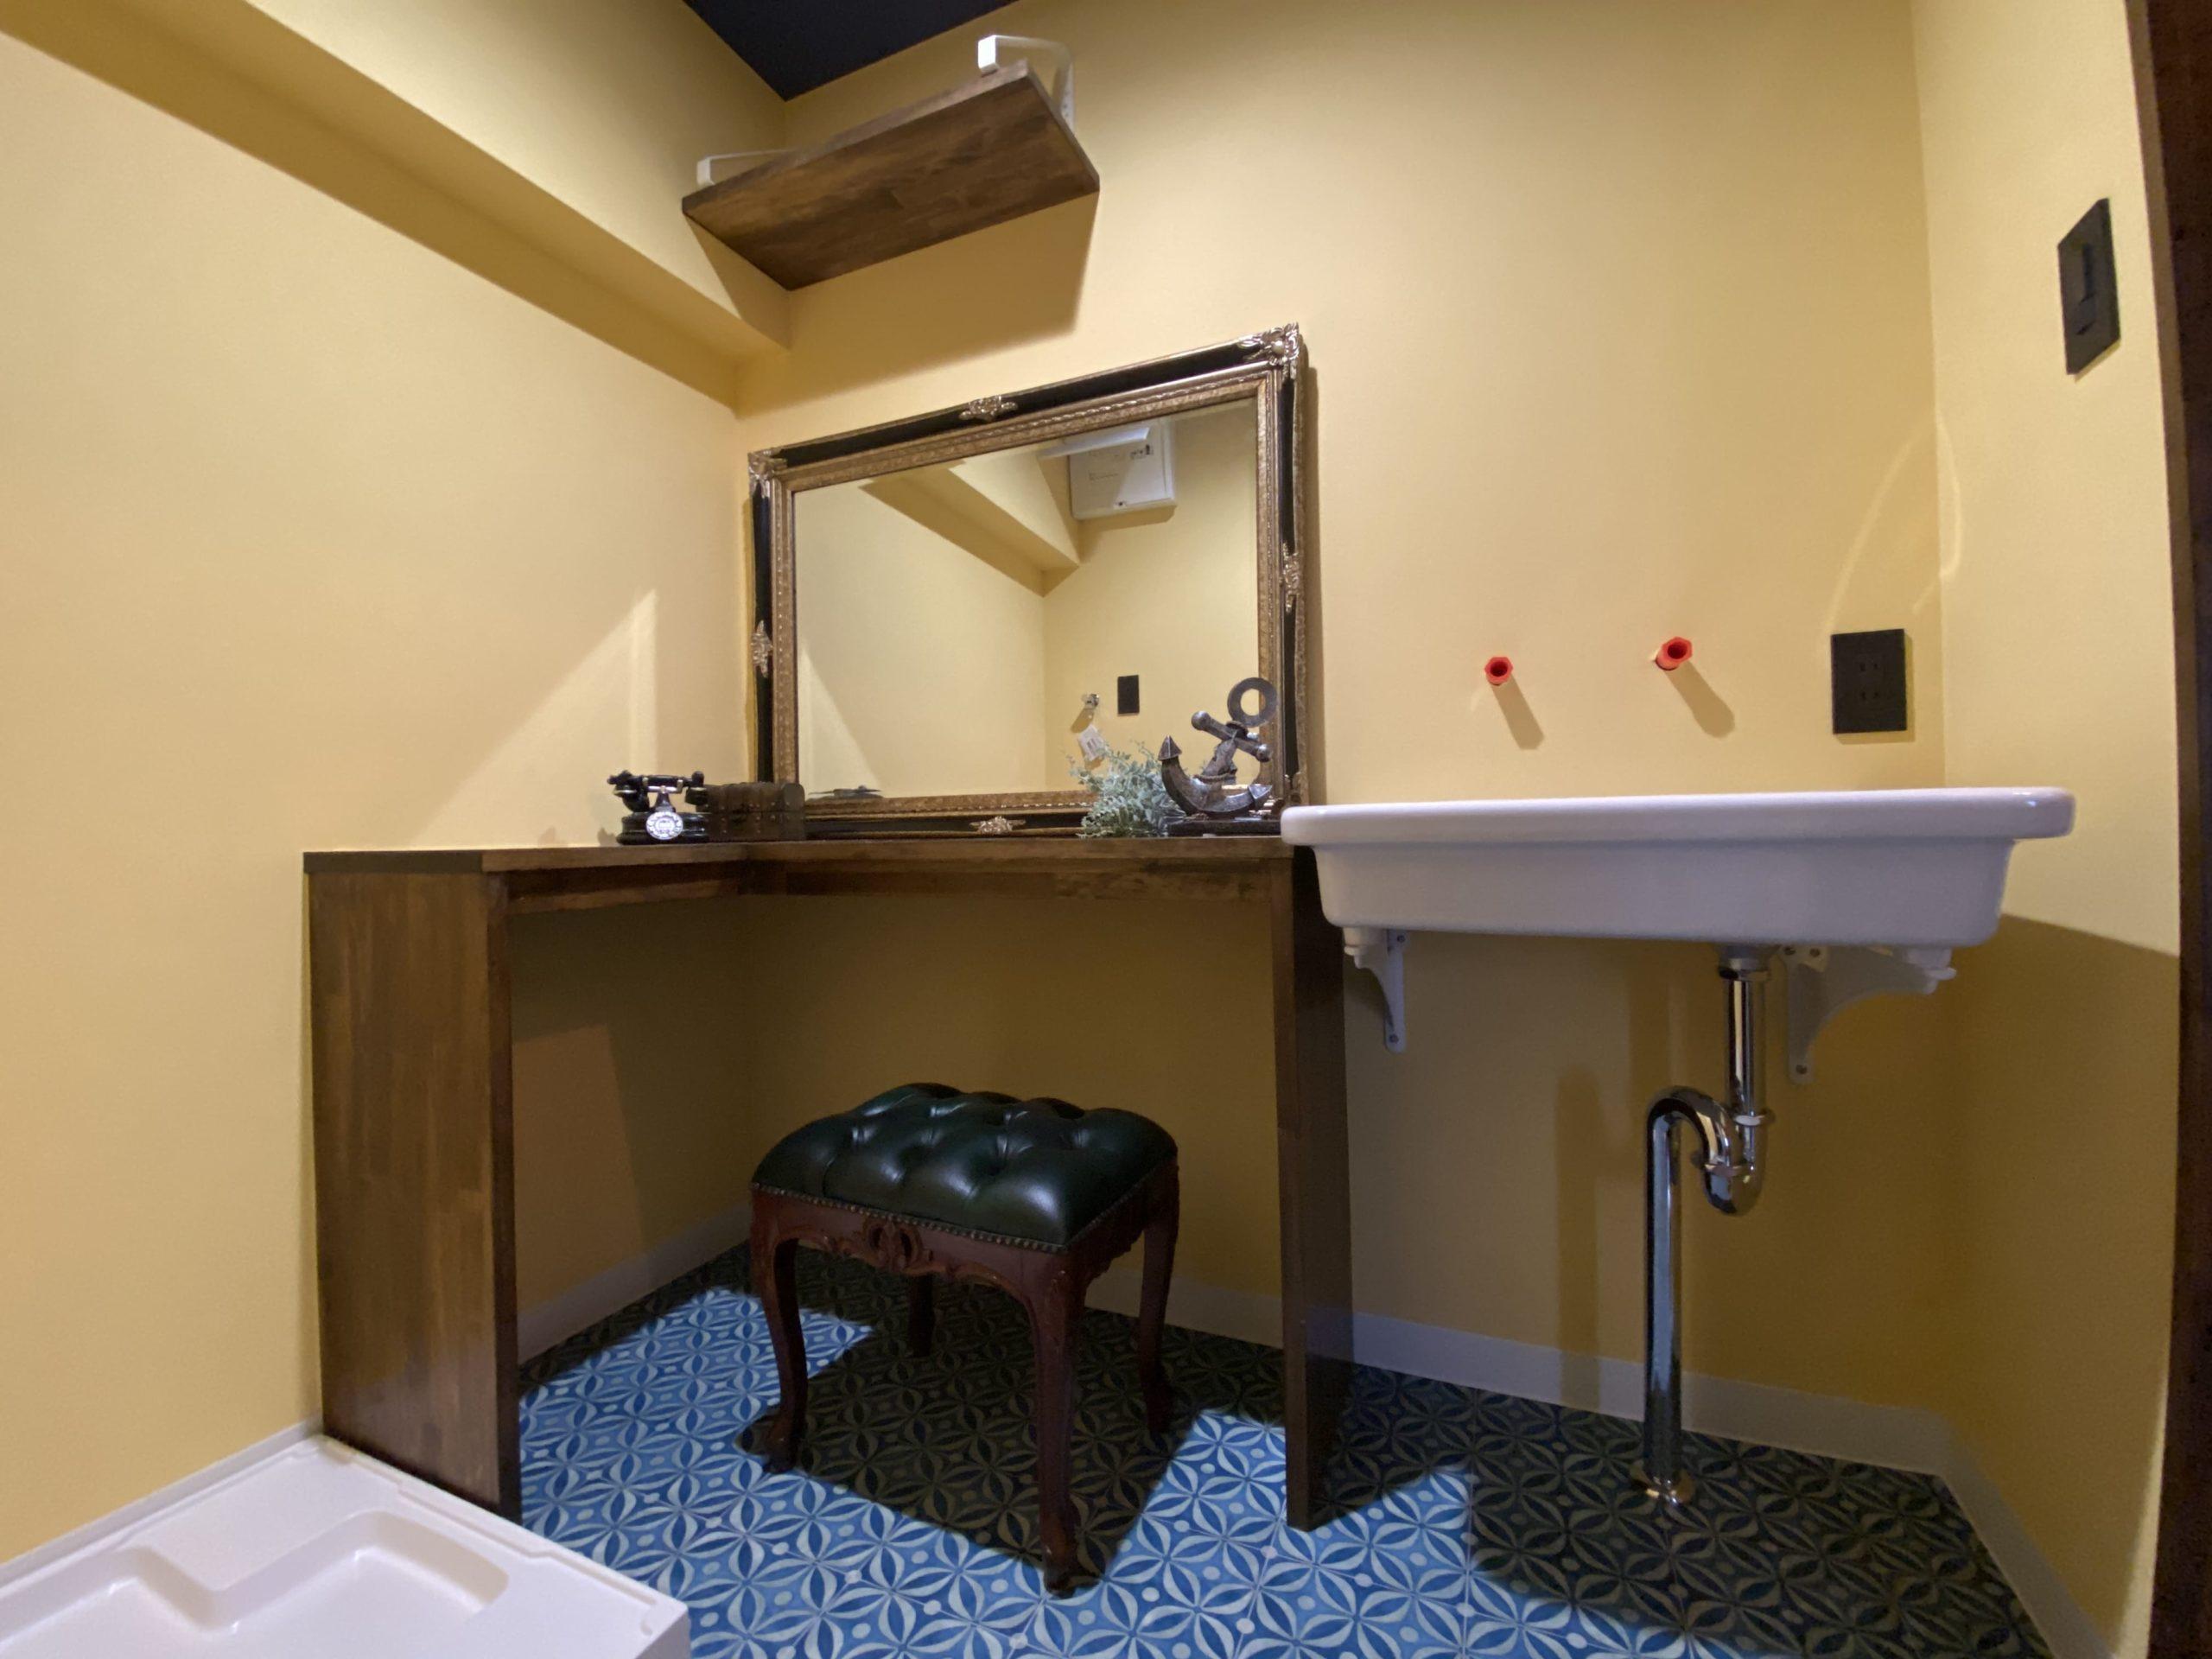 【明石市】海が見えるお部屋「ヴィンテージリゾート」明石アーバンライフ619号室。どこか遠い異国の雰囲気漂うアンティーク家具と調和したWASHROOM。